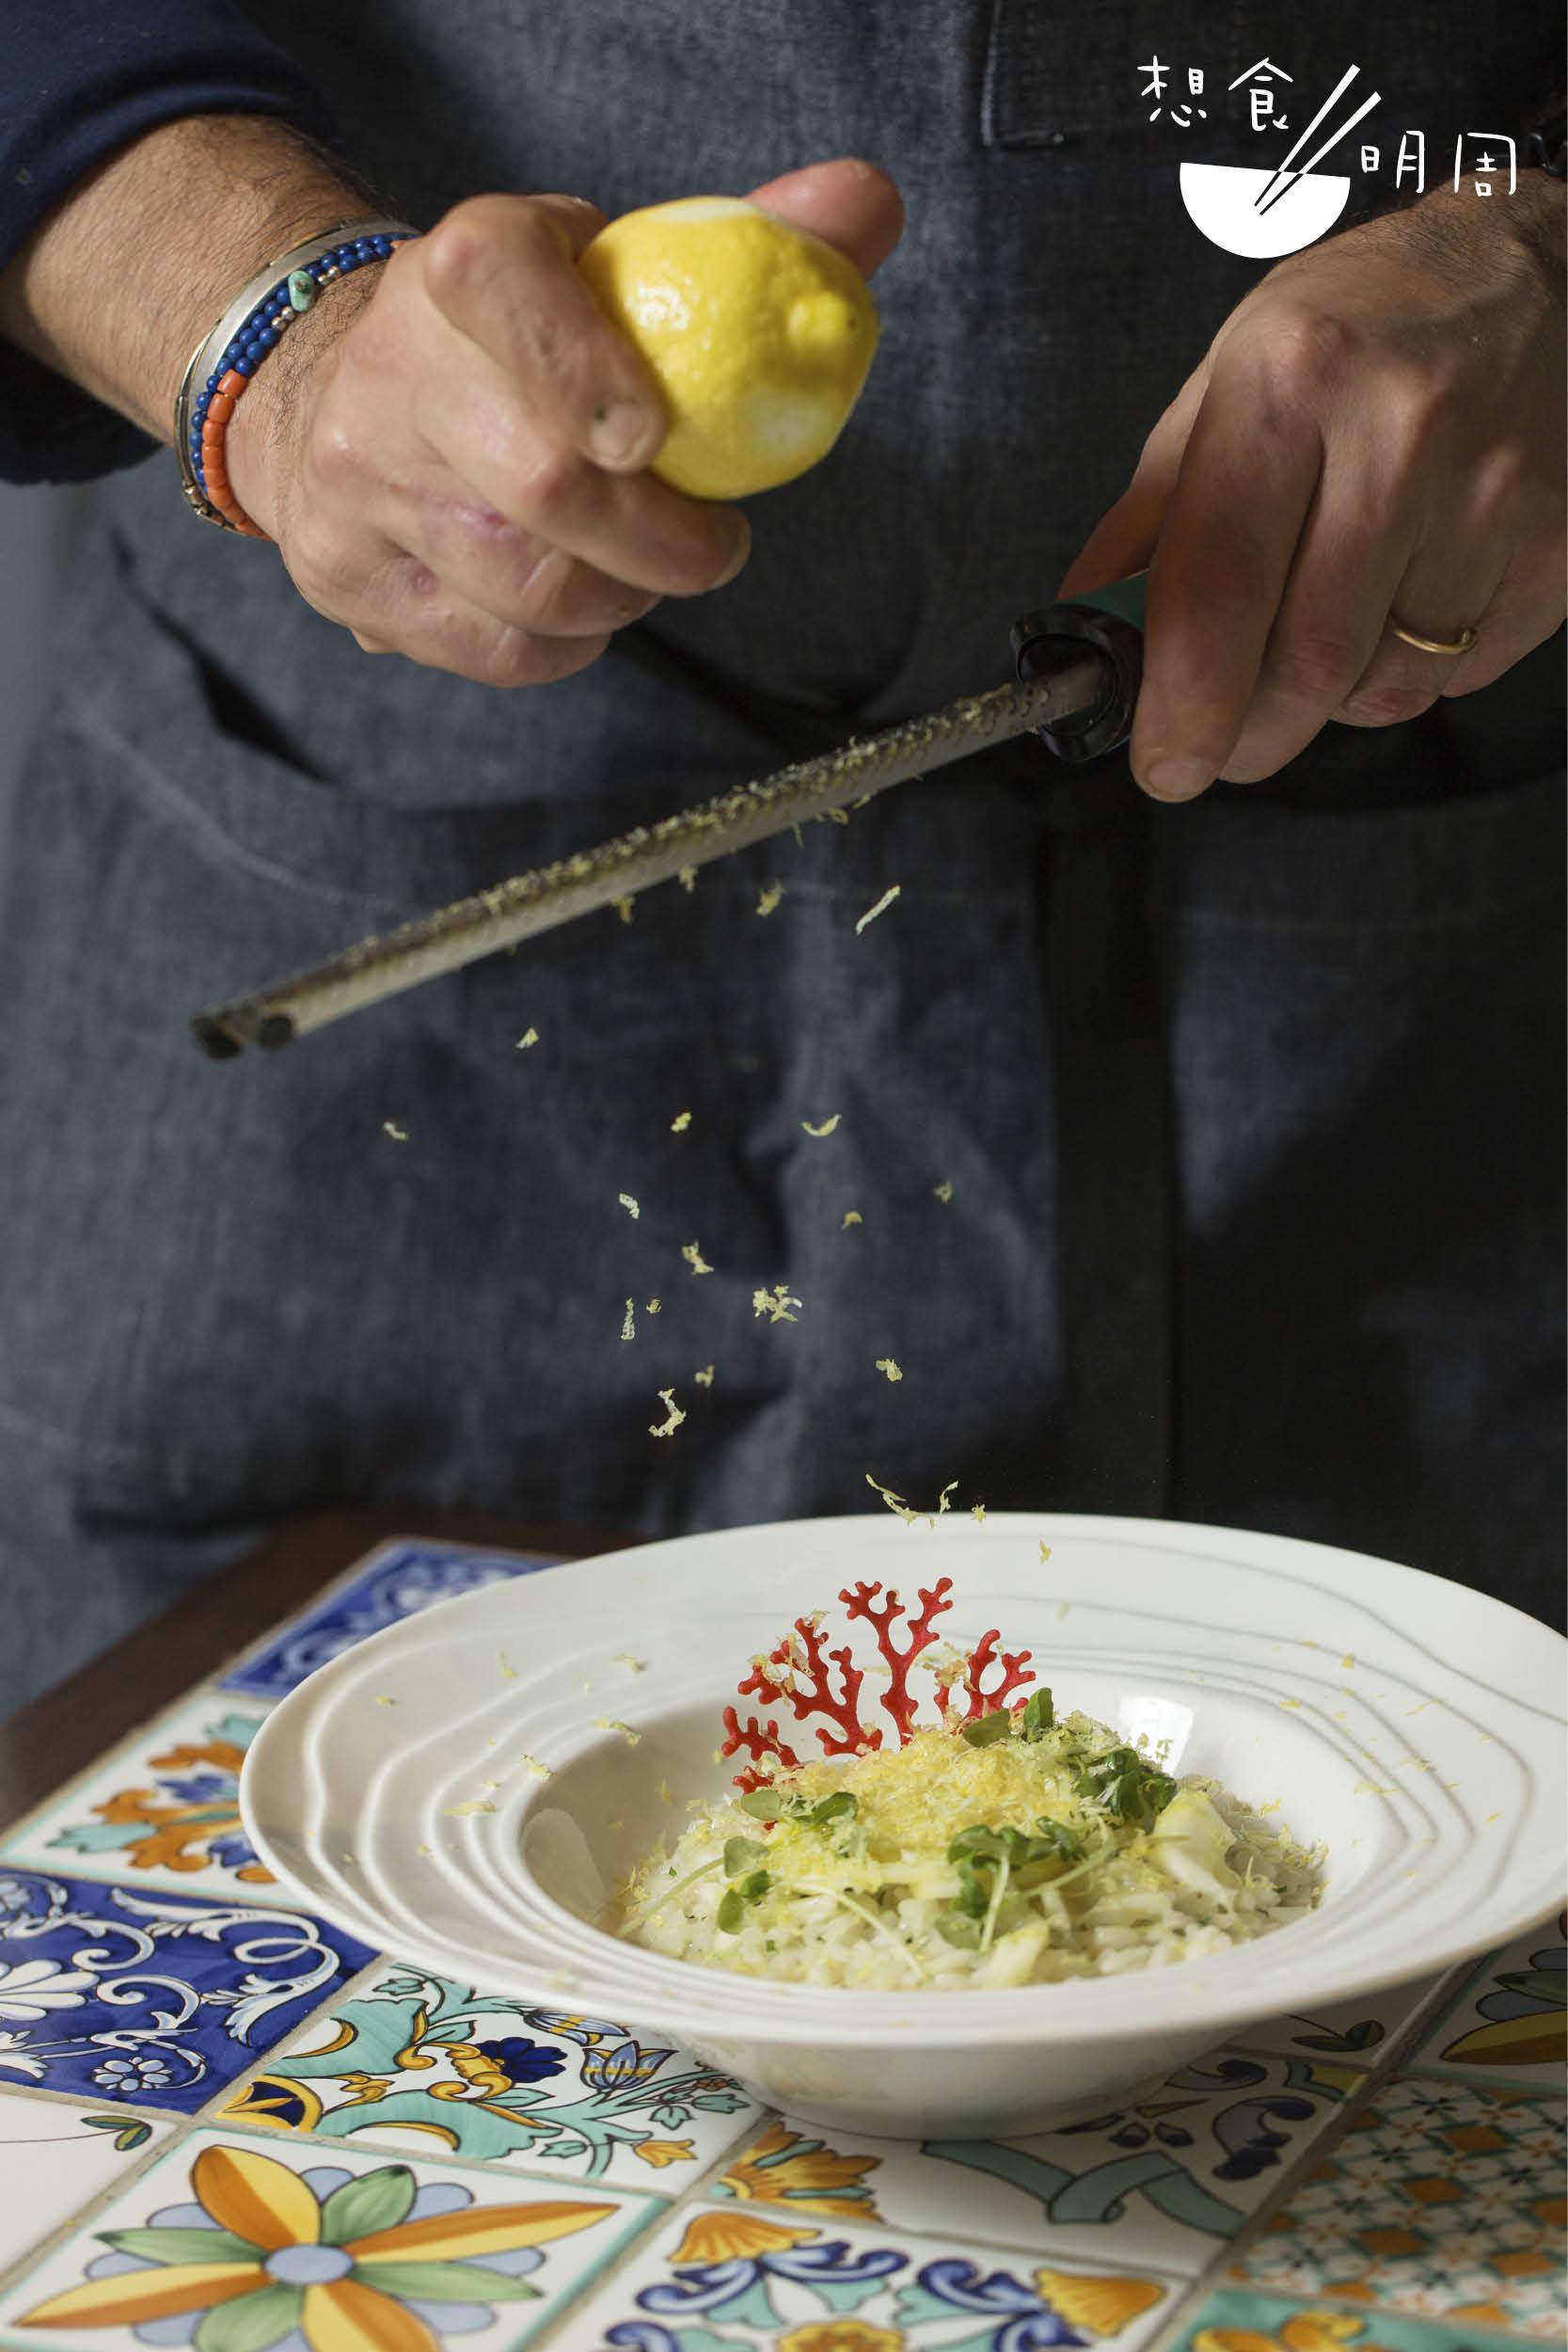 迷迭香意大利飯配香烤阿瑪菲檸檬 // 簡單調味的香草意大利飯卻是突顯阿瑪菲檸檬之原味的最佳方式。上桌前再加入檸皮碎,以檸香為夏 日餐點帶來清新氣息。($188)